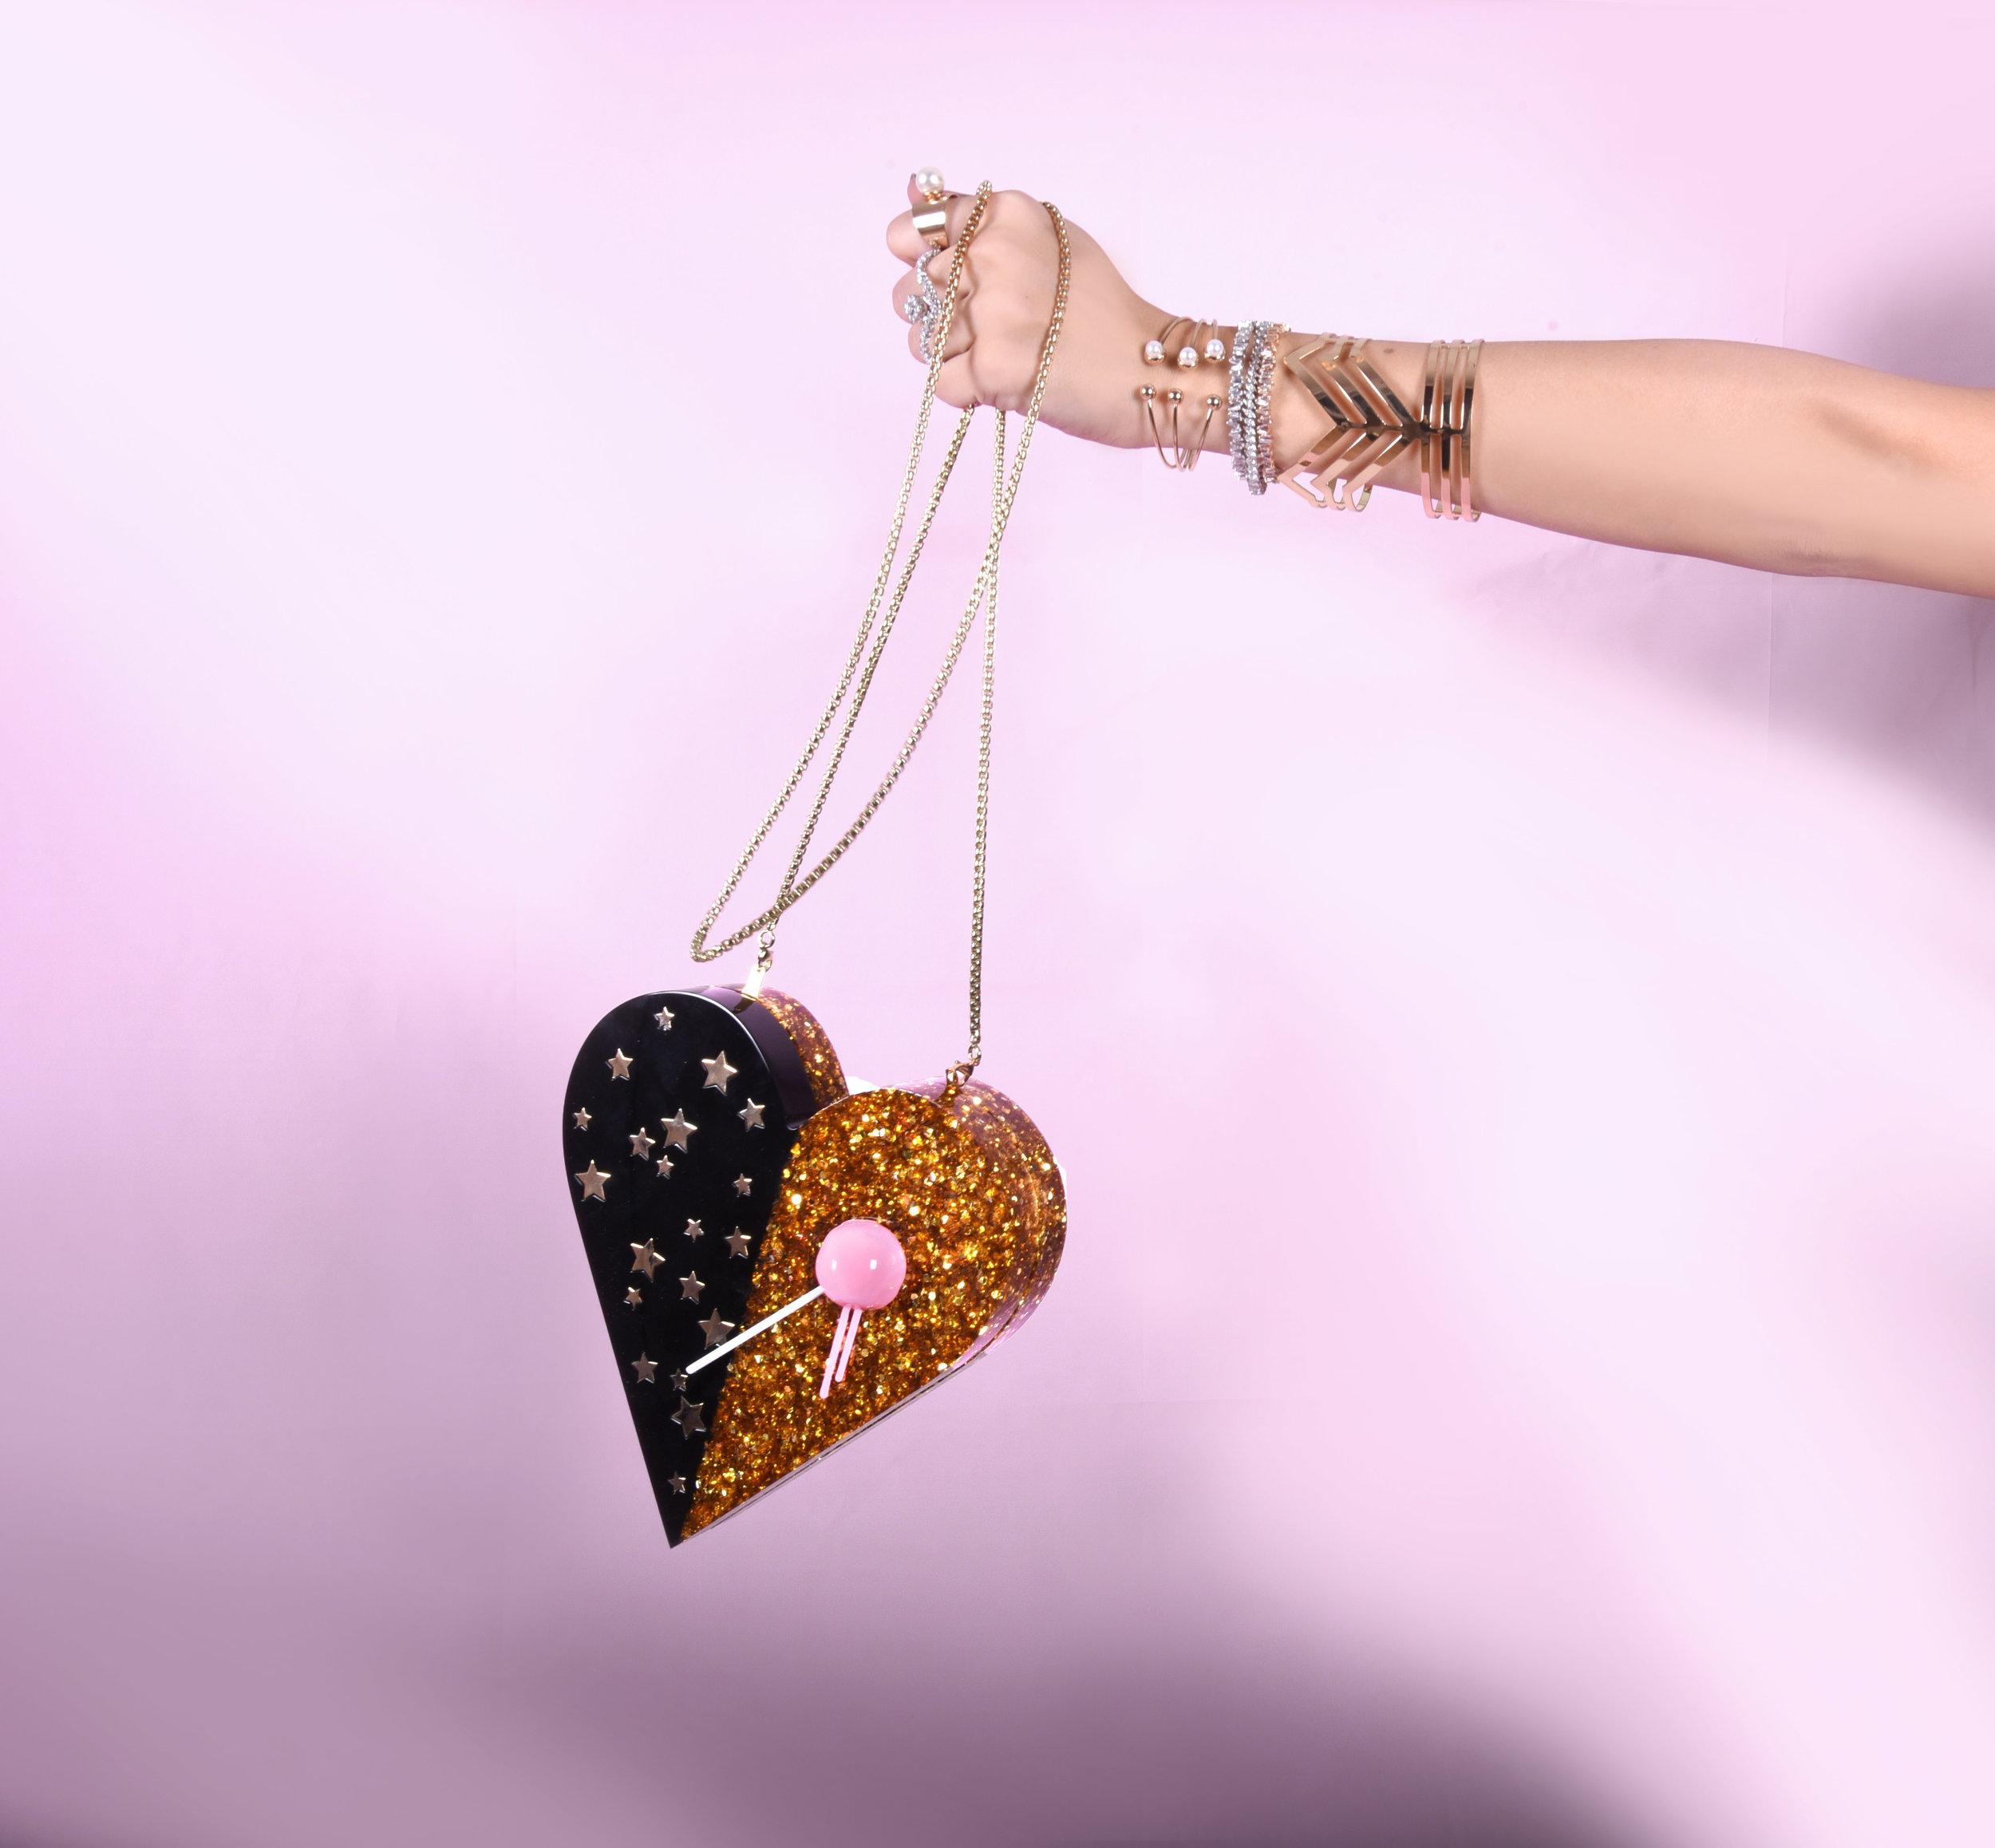 heart swing.jpg